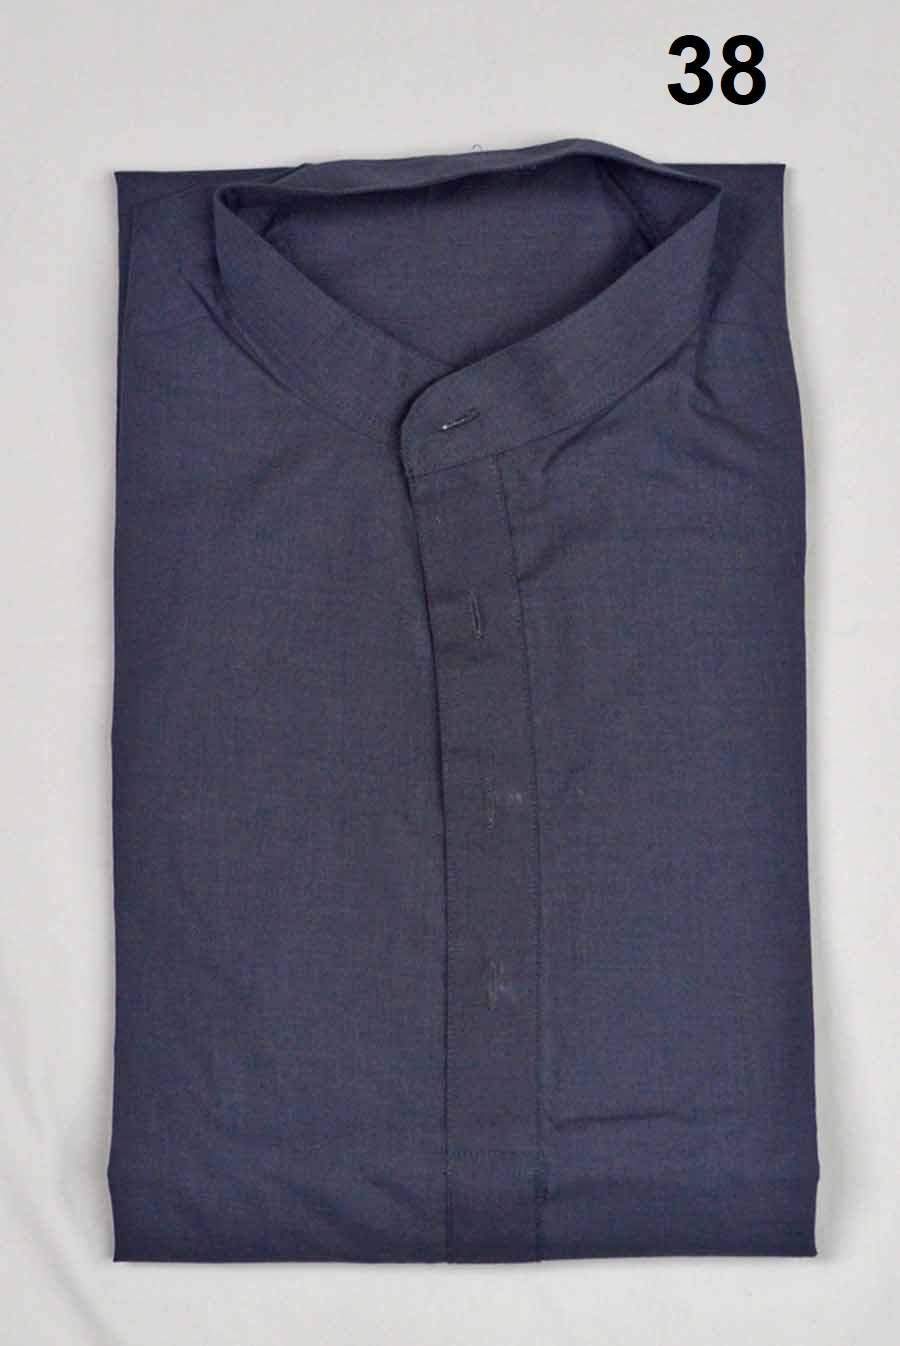 Cotton Kurta 9146 - 38